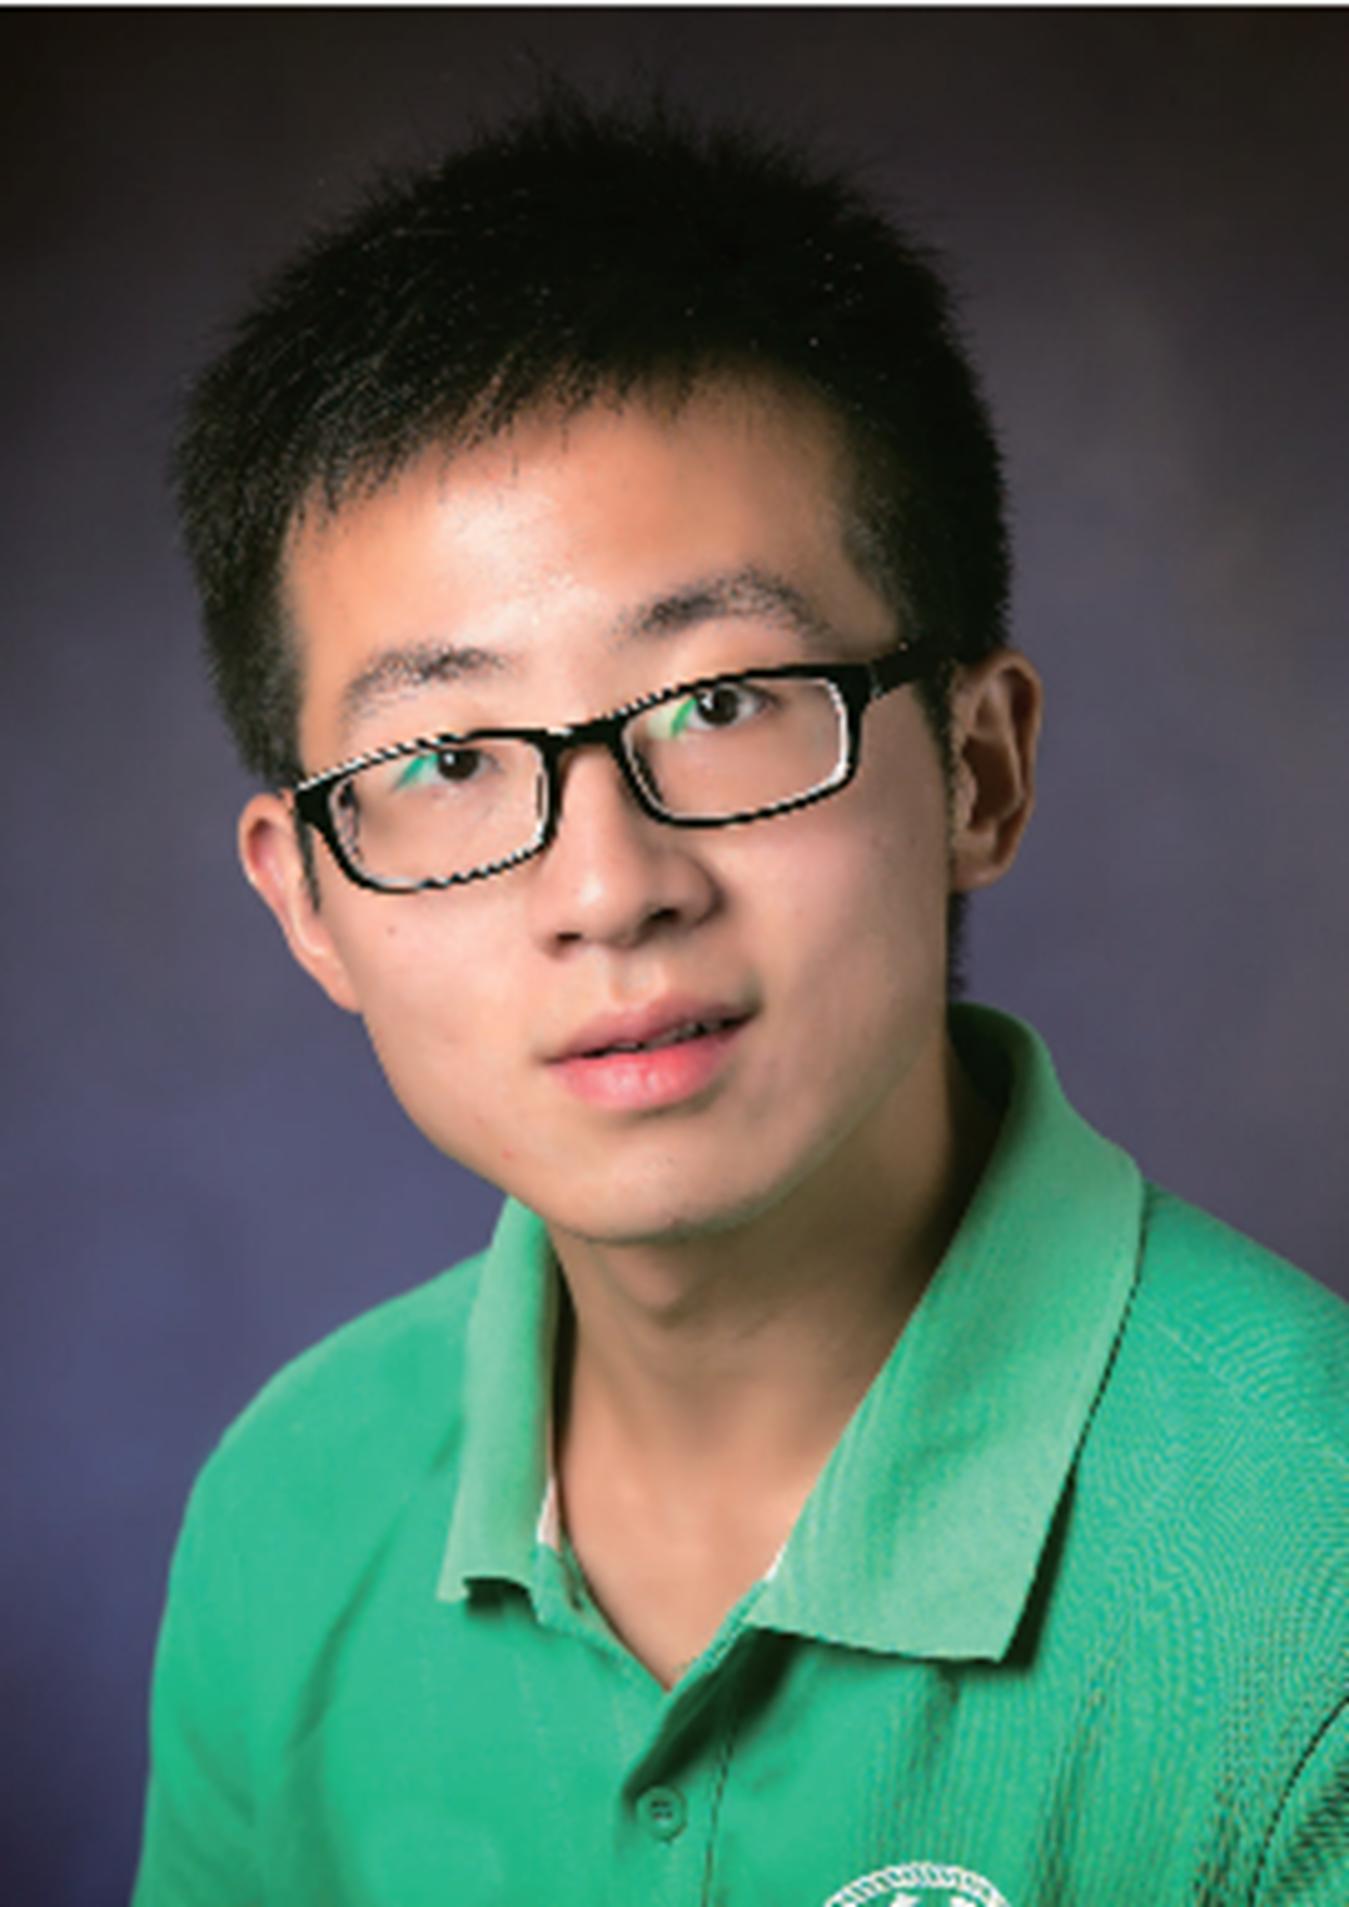 Kaiqing Zhang